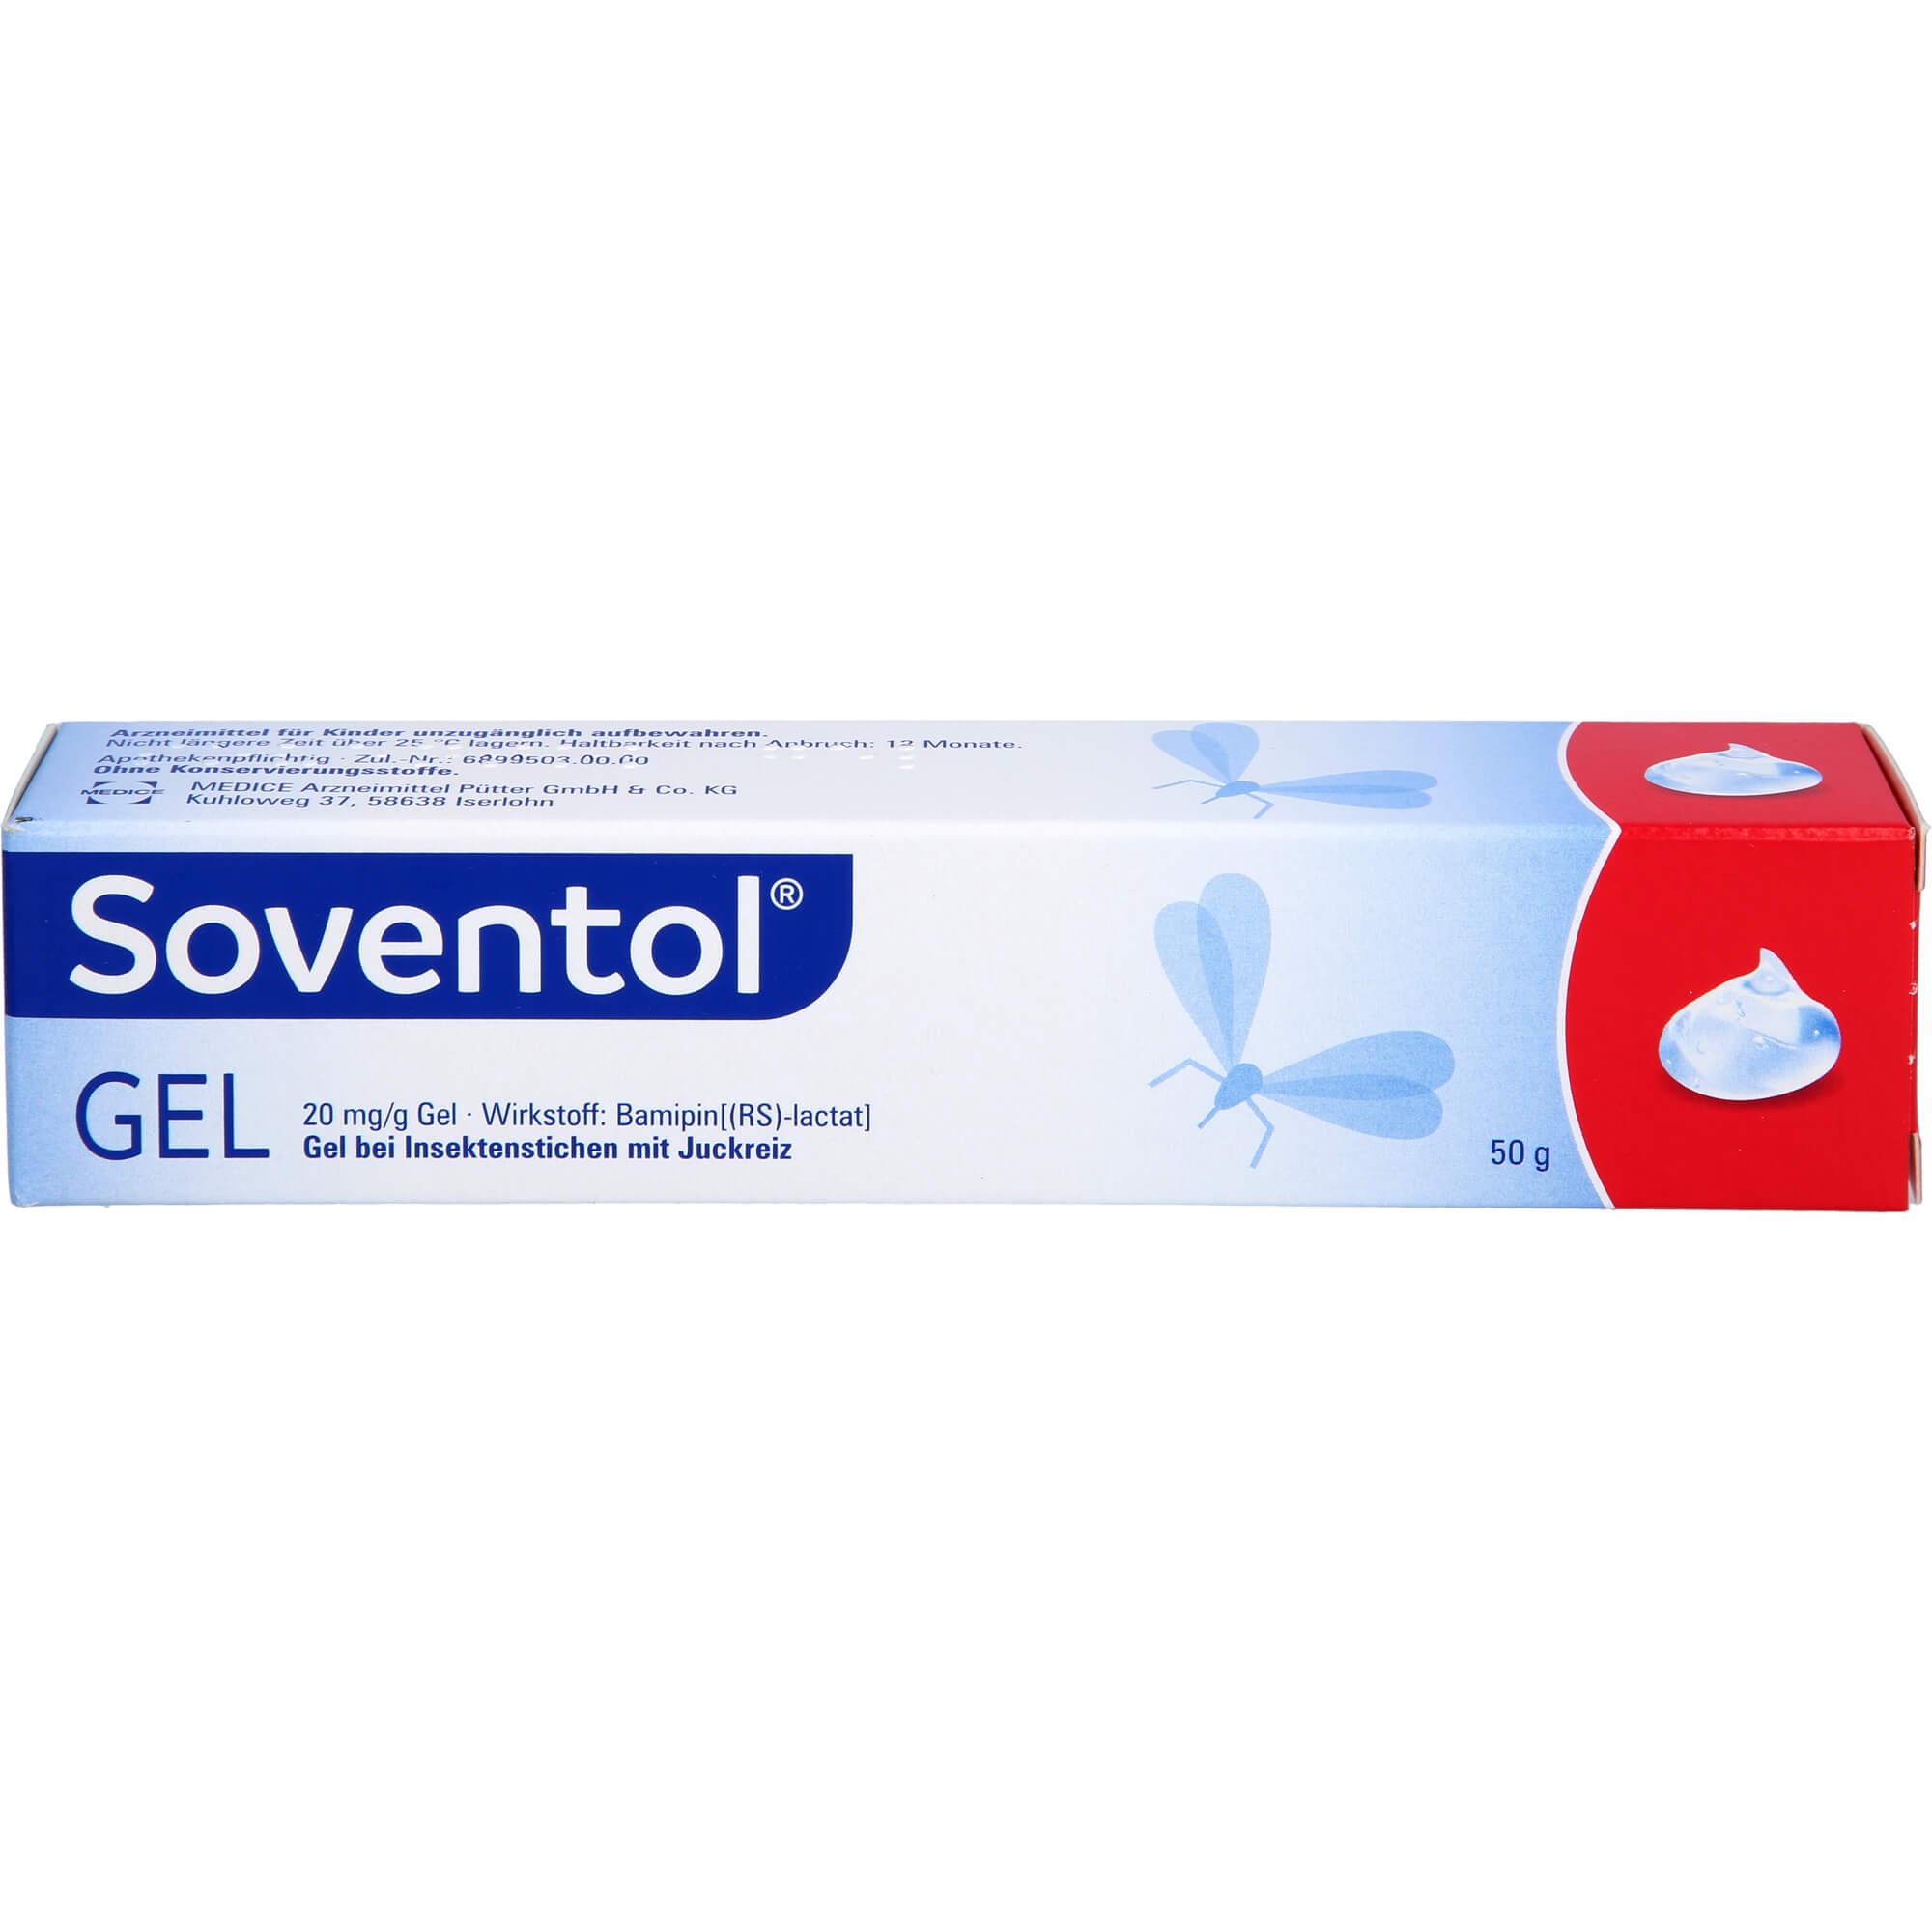 SOVENTOL Gel